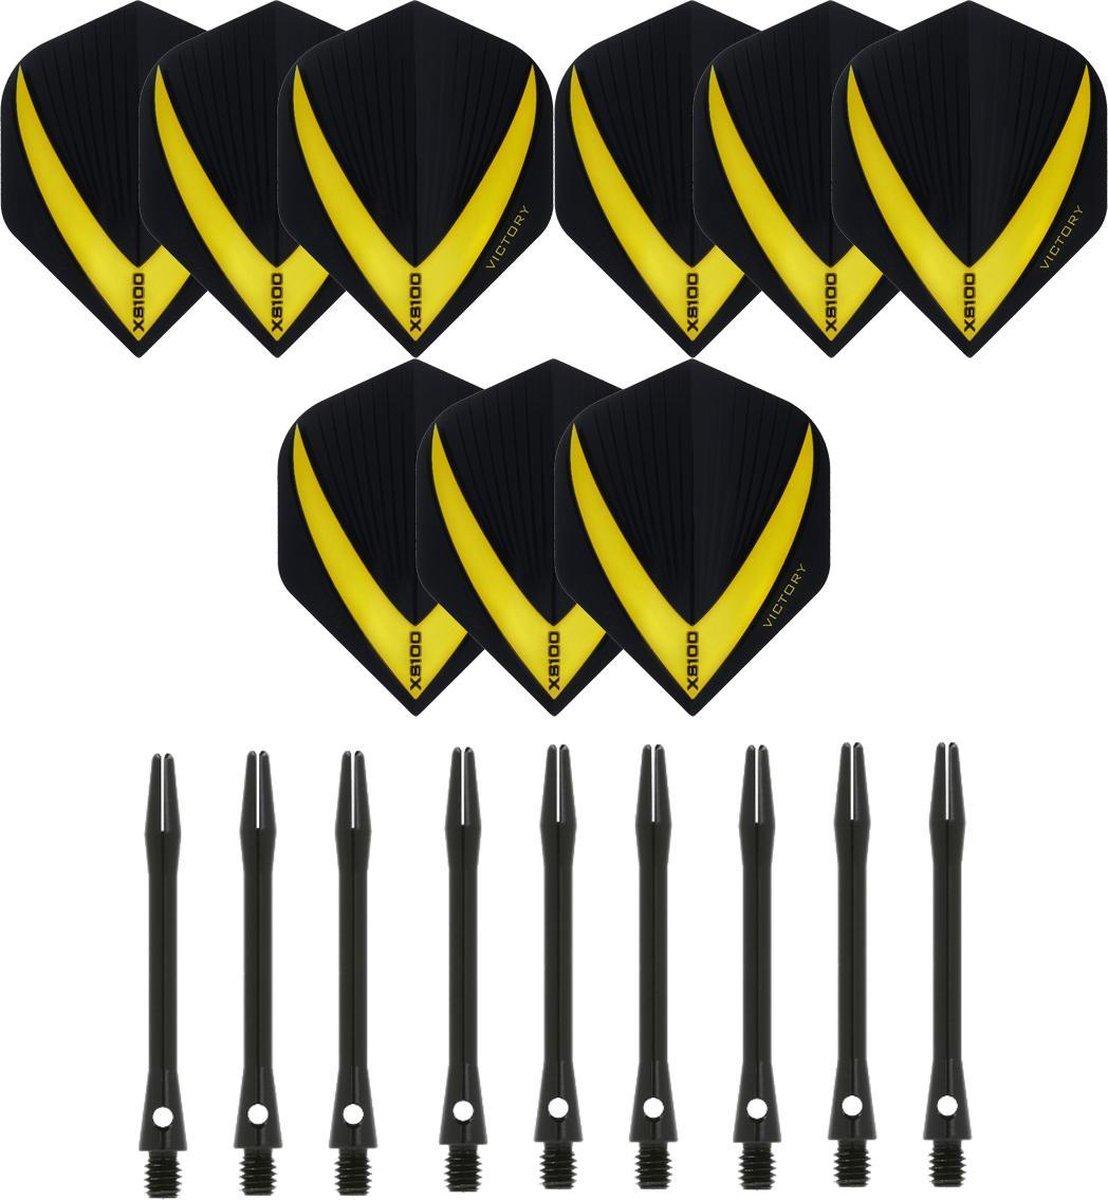 3 sets (9 stuks) Super Sterke - Geel - Vista-X - darts flights - inclusief 3 sets (9 stuks) - medium - Aluminium - zwart - darts shafts